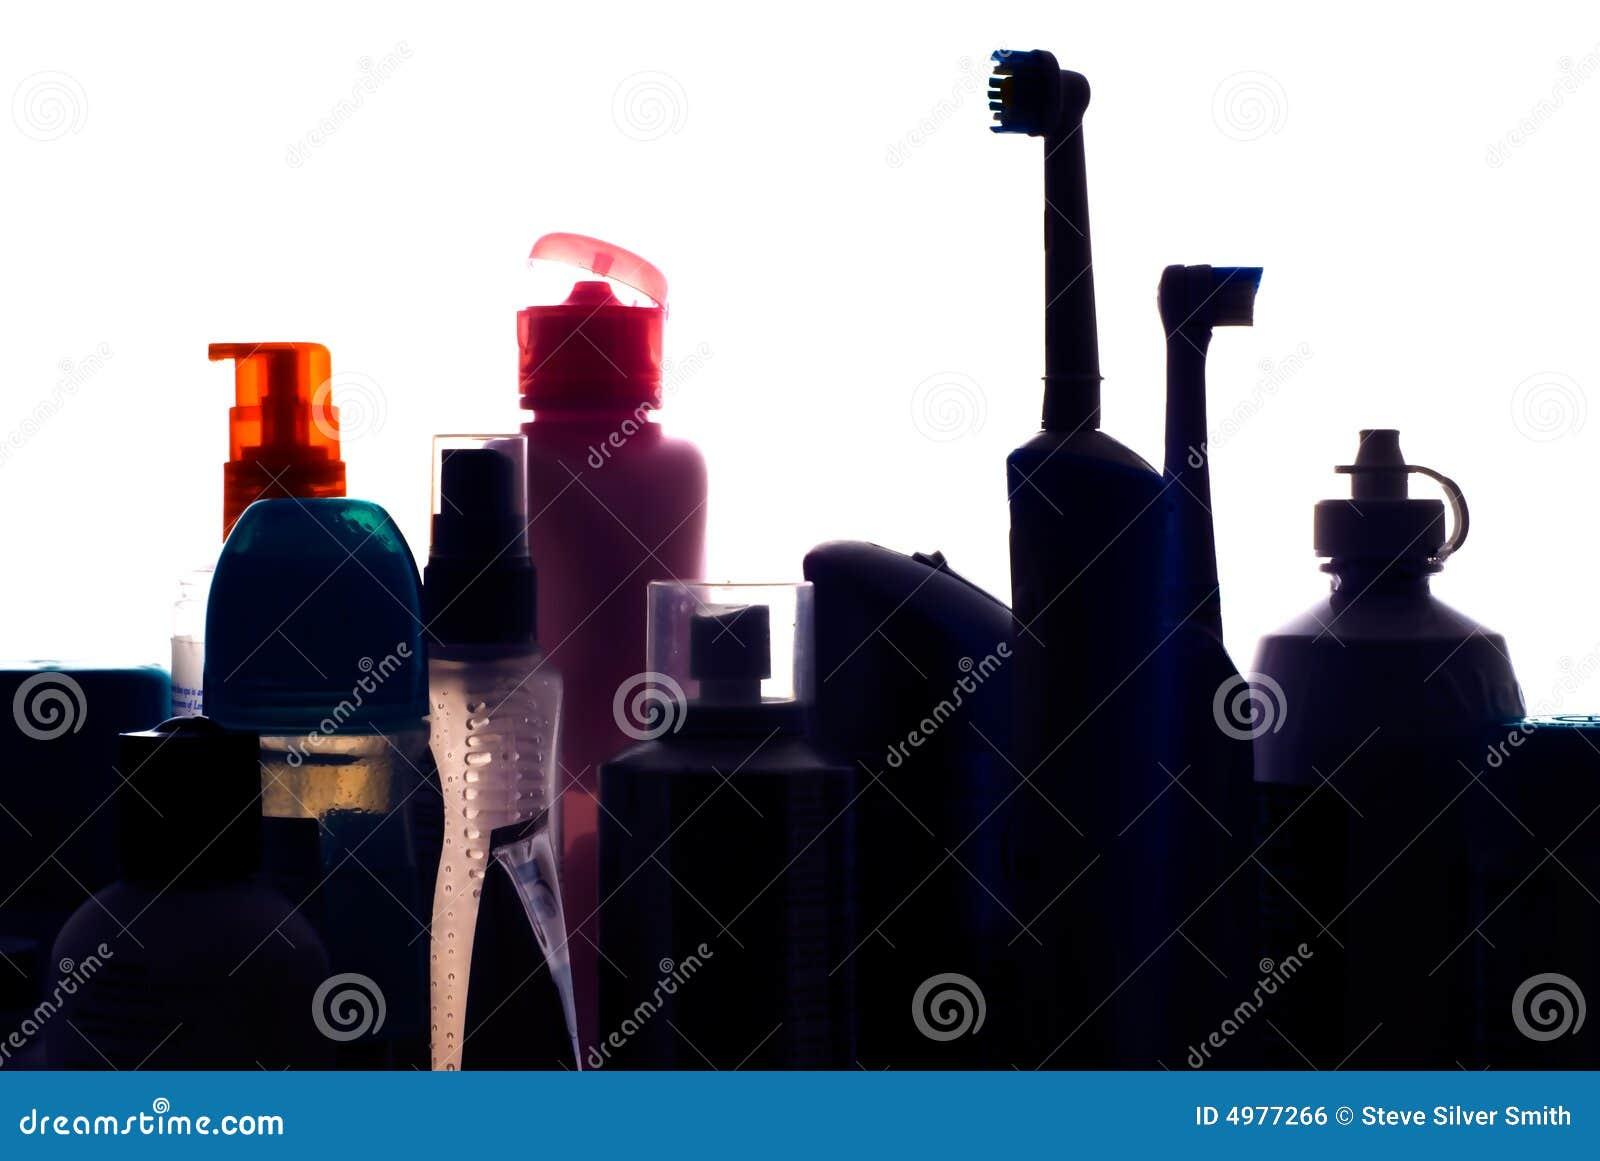 Silhueta Do Gabinete De Banheiro Mim Imagem de Stock Royalty Free  #B92612 1300 960